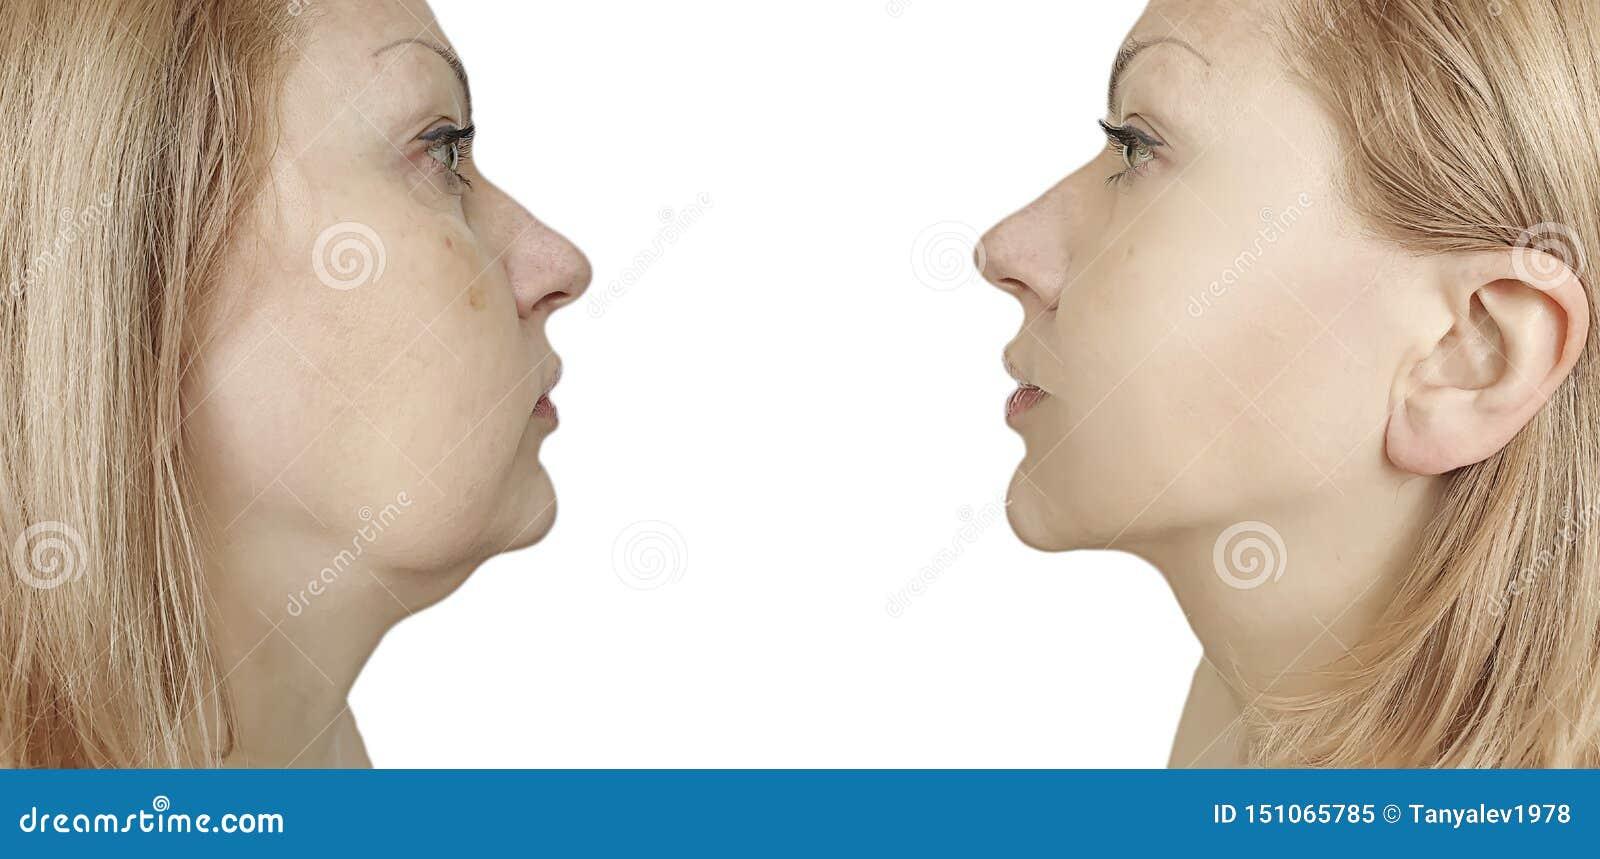 Het verzakkende plastic probleem van de vrouwenonderkin before and after procedurebehandeling